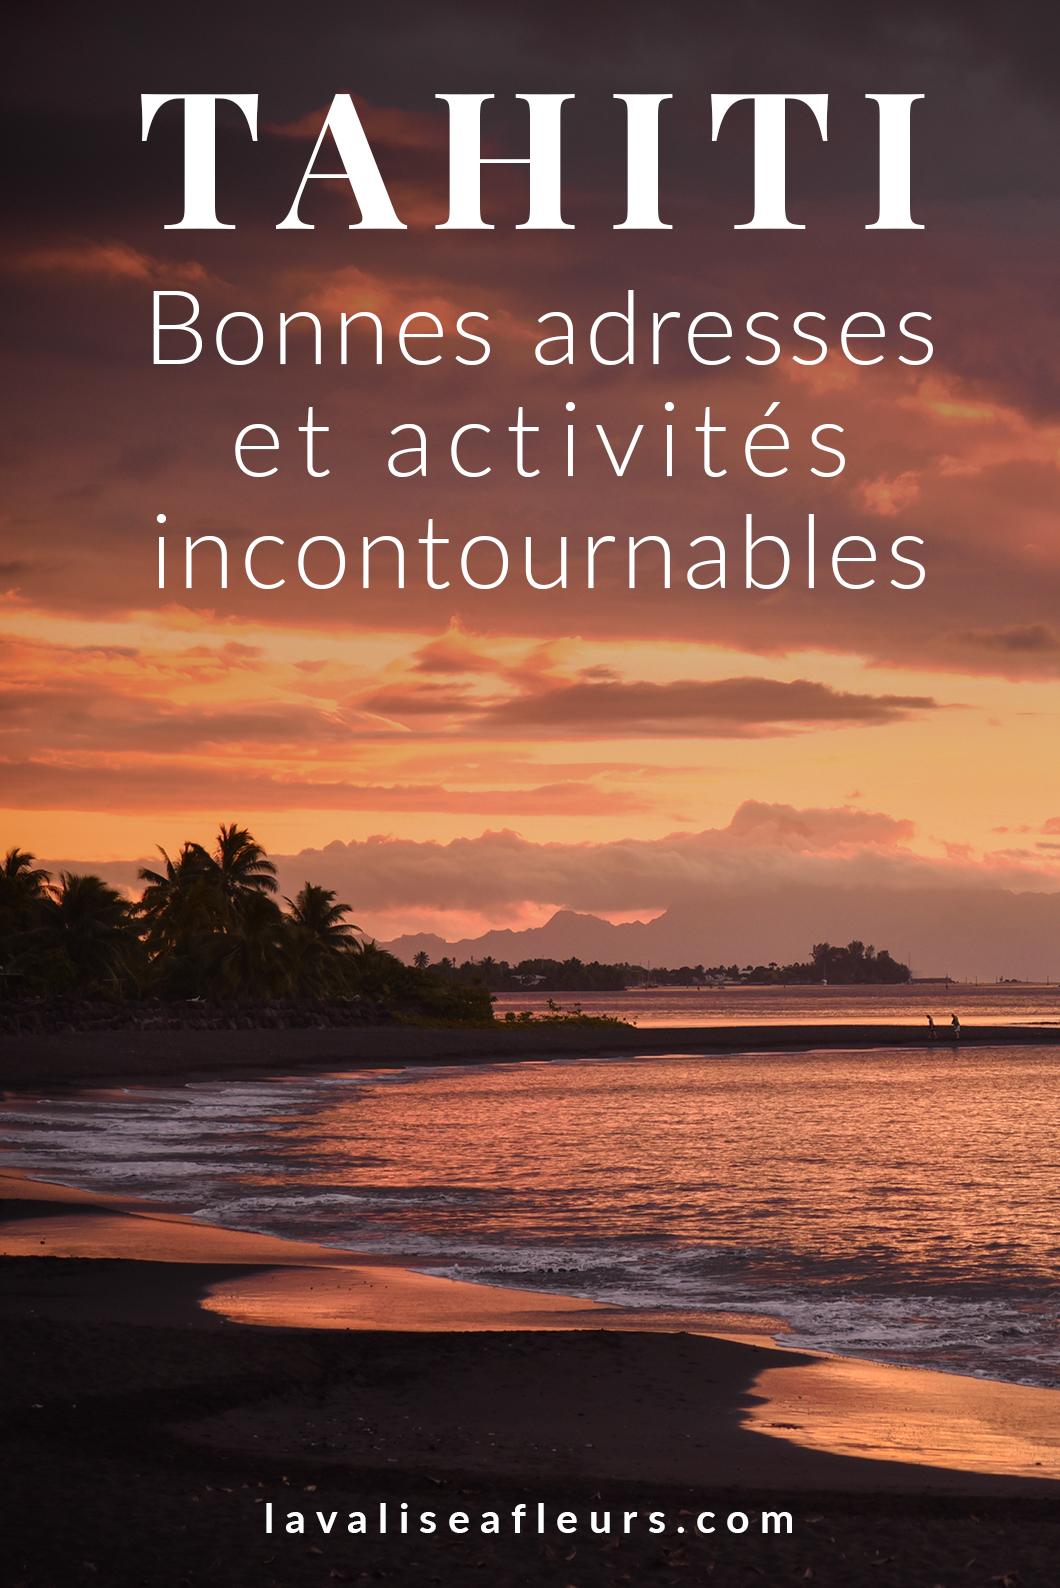 Bonnes adresses et activités incontournables à Tahiti